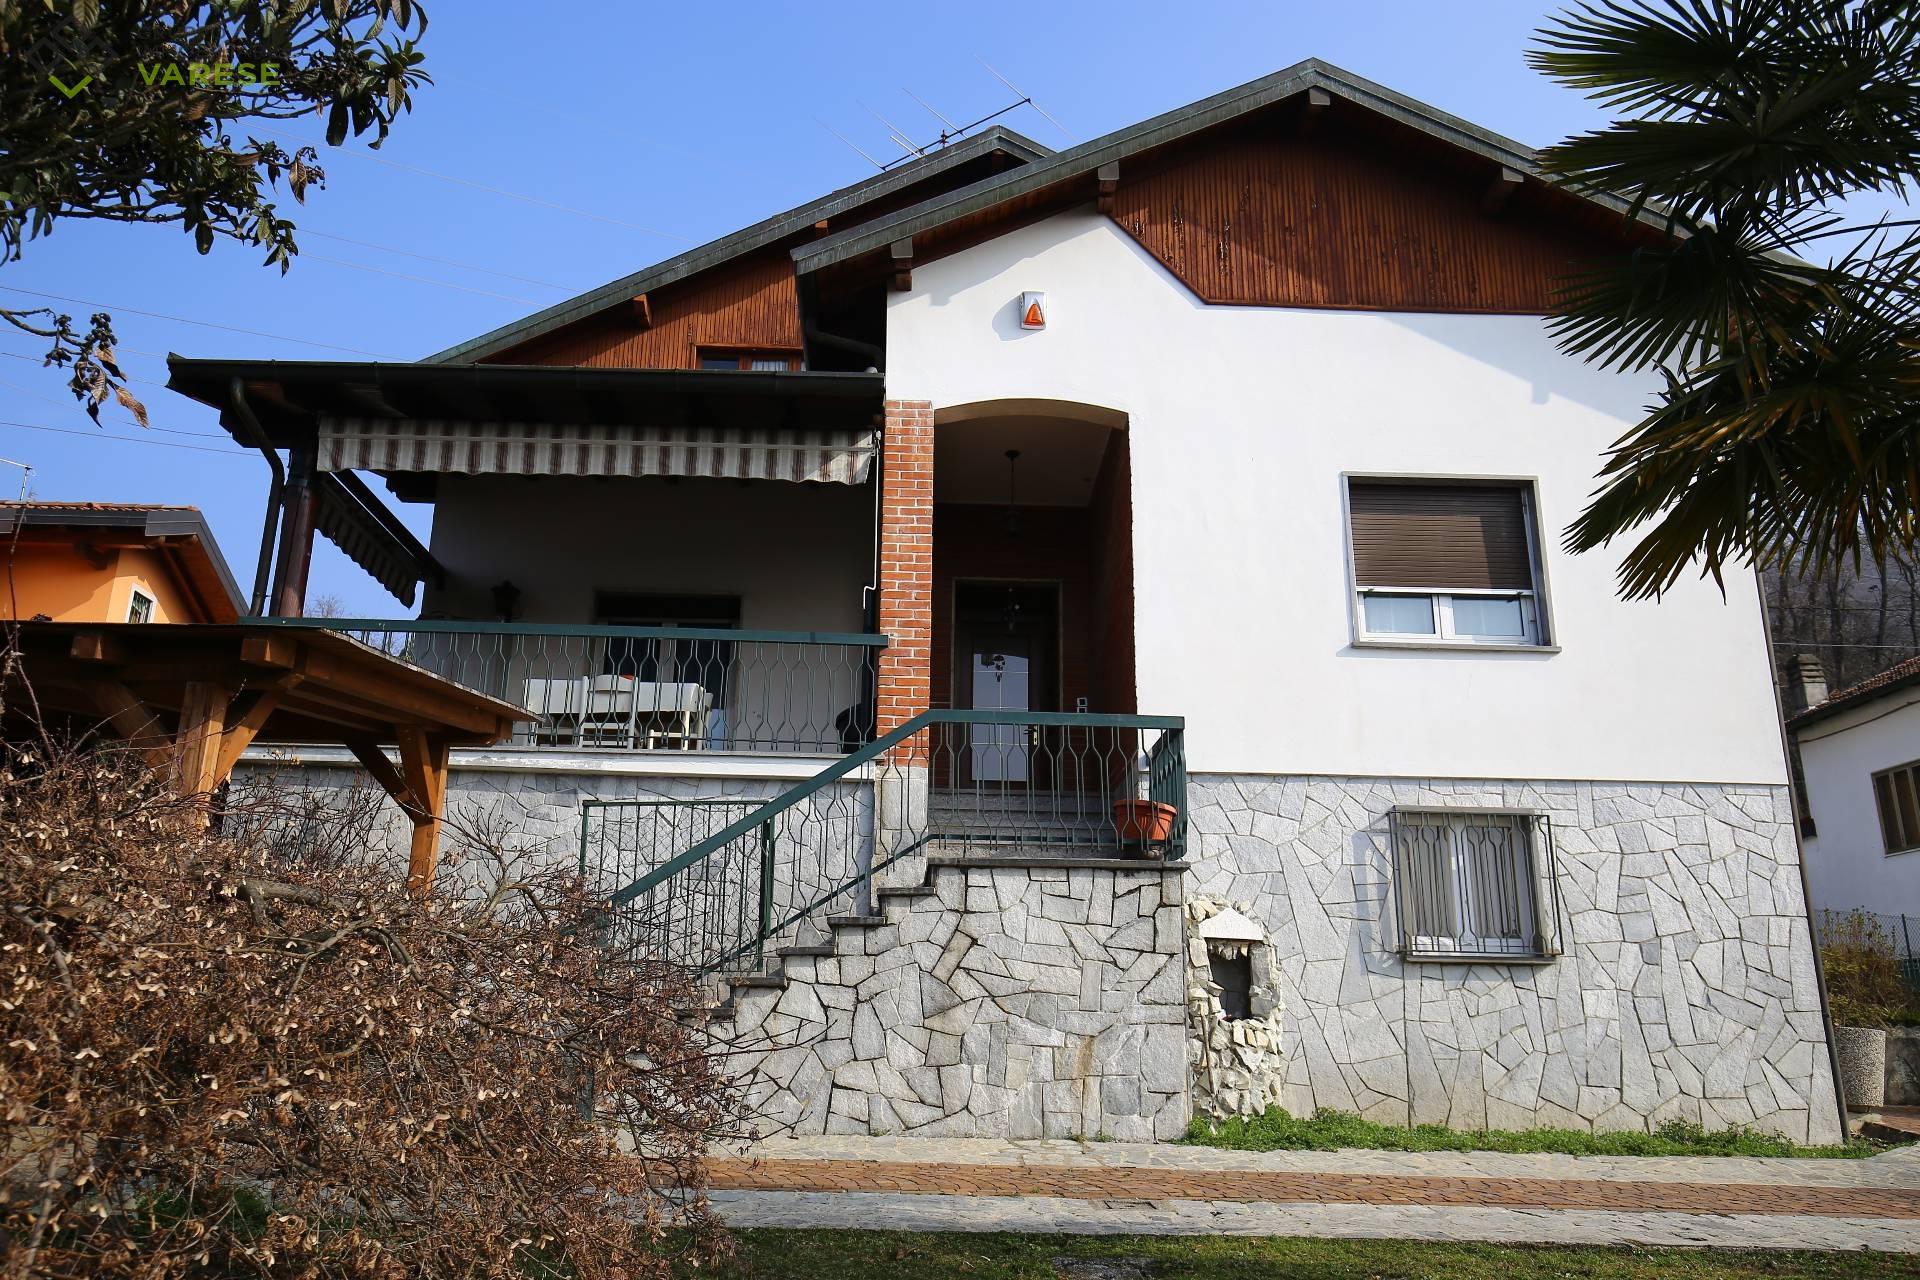 Villa in vendita a Cocquio-Trevisago, 4 locali, zona Zona: Cocquio, prezzo € 289.000   CambioCasa.it